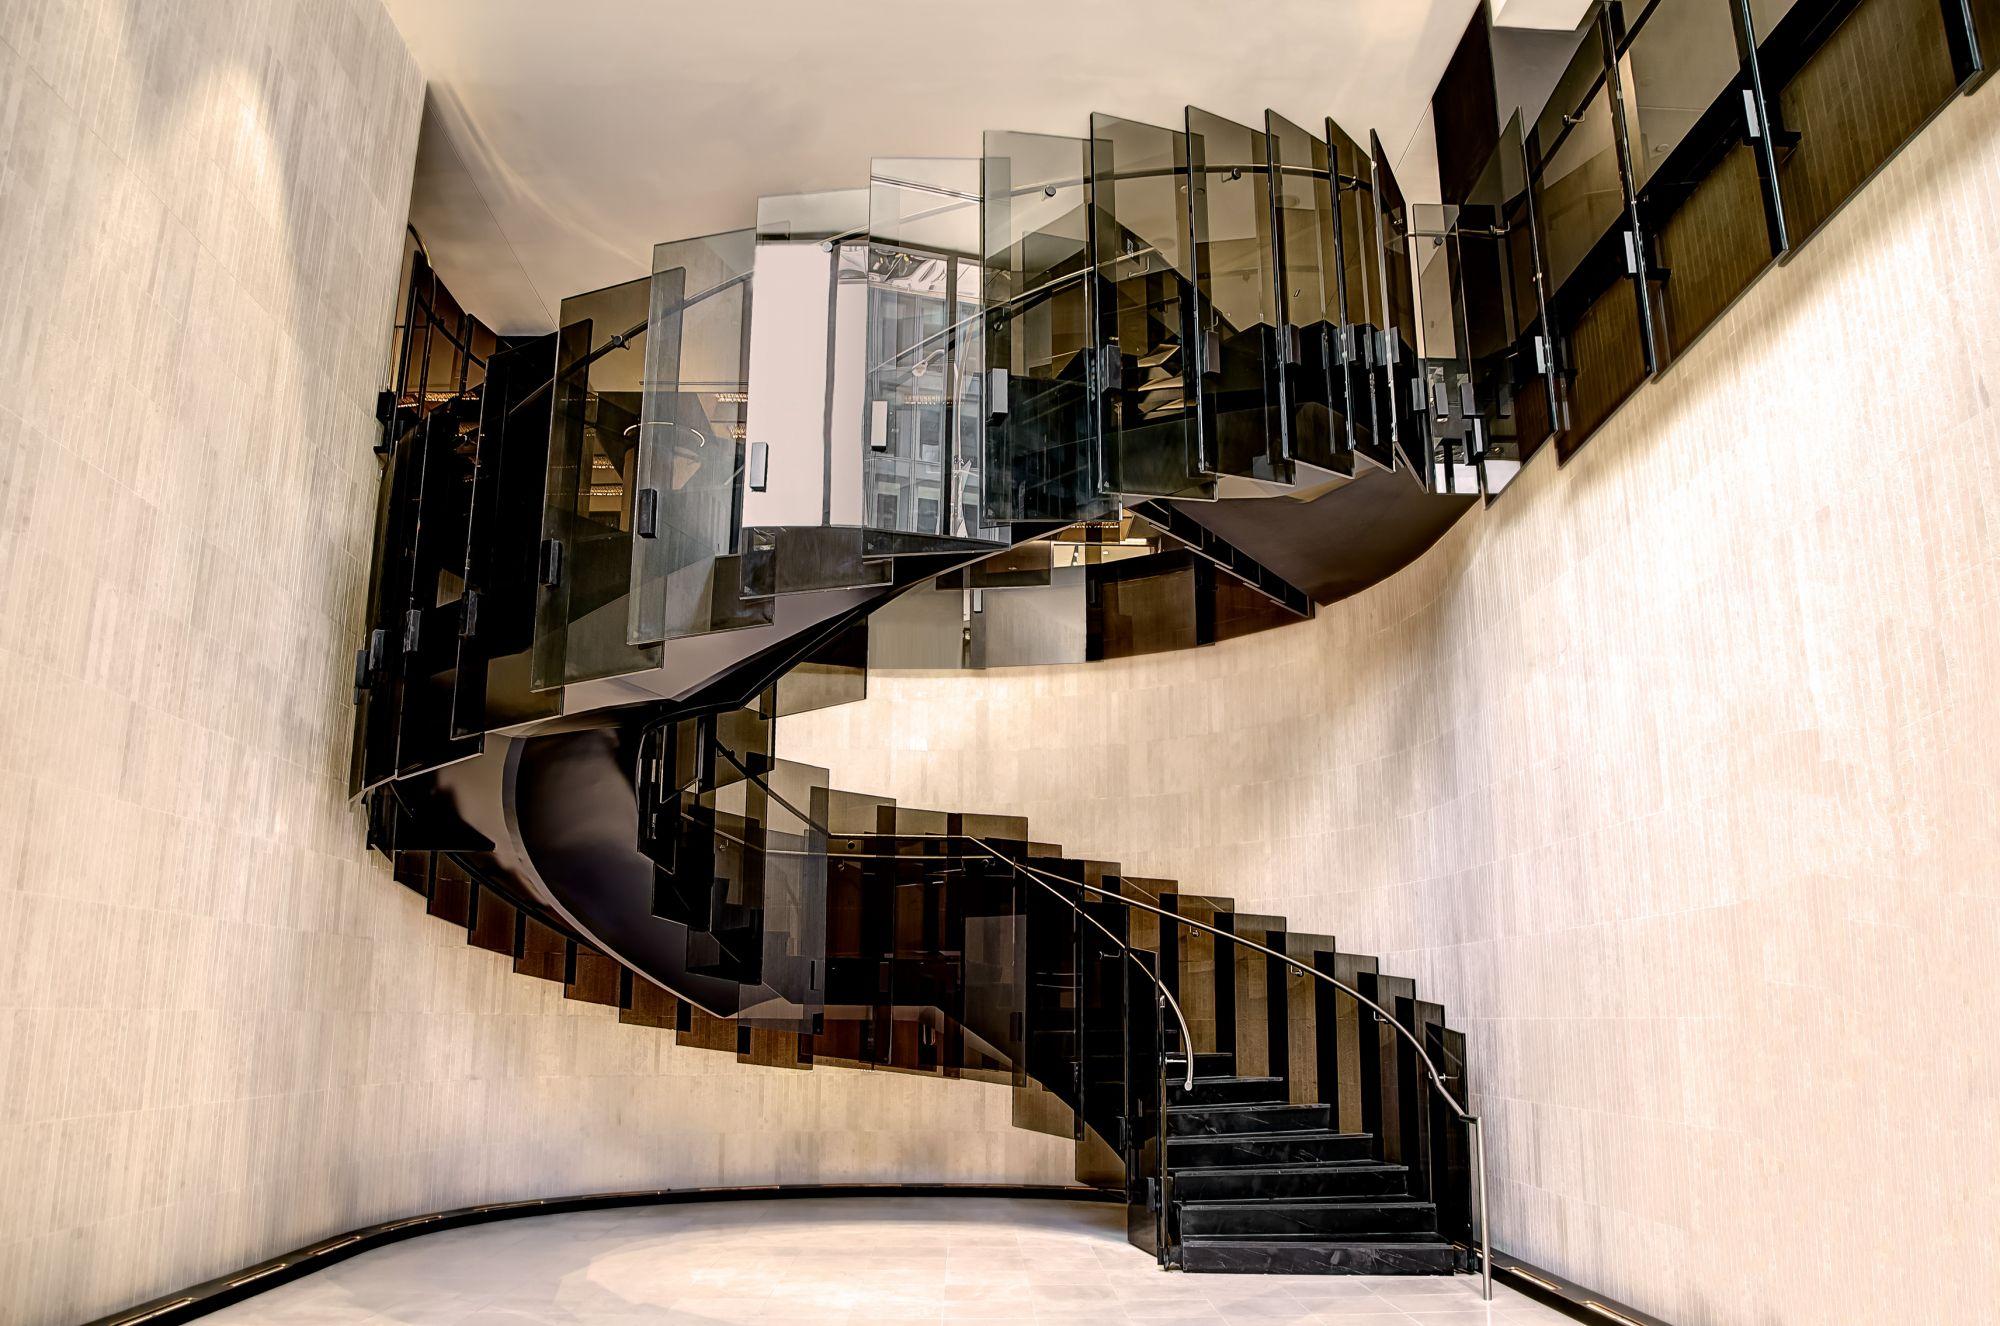 Escalier Vitre Le Reine Élizabeth